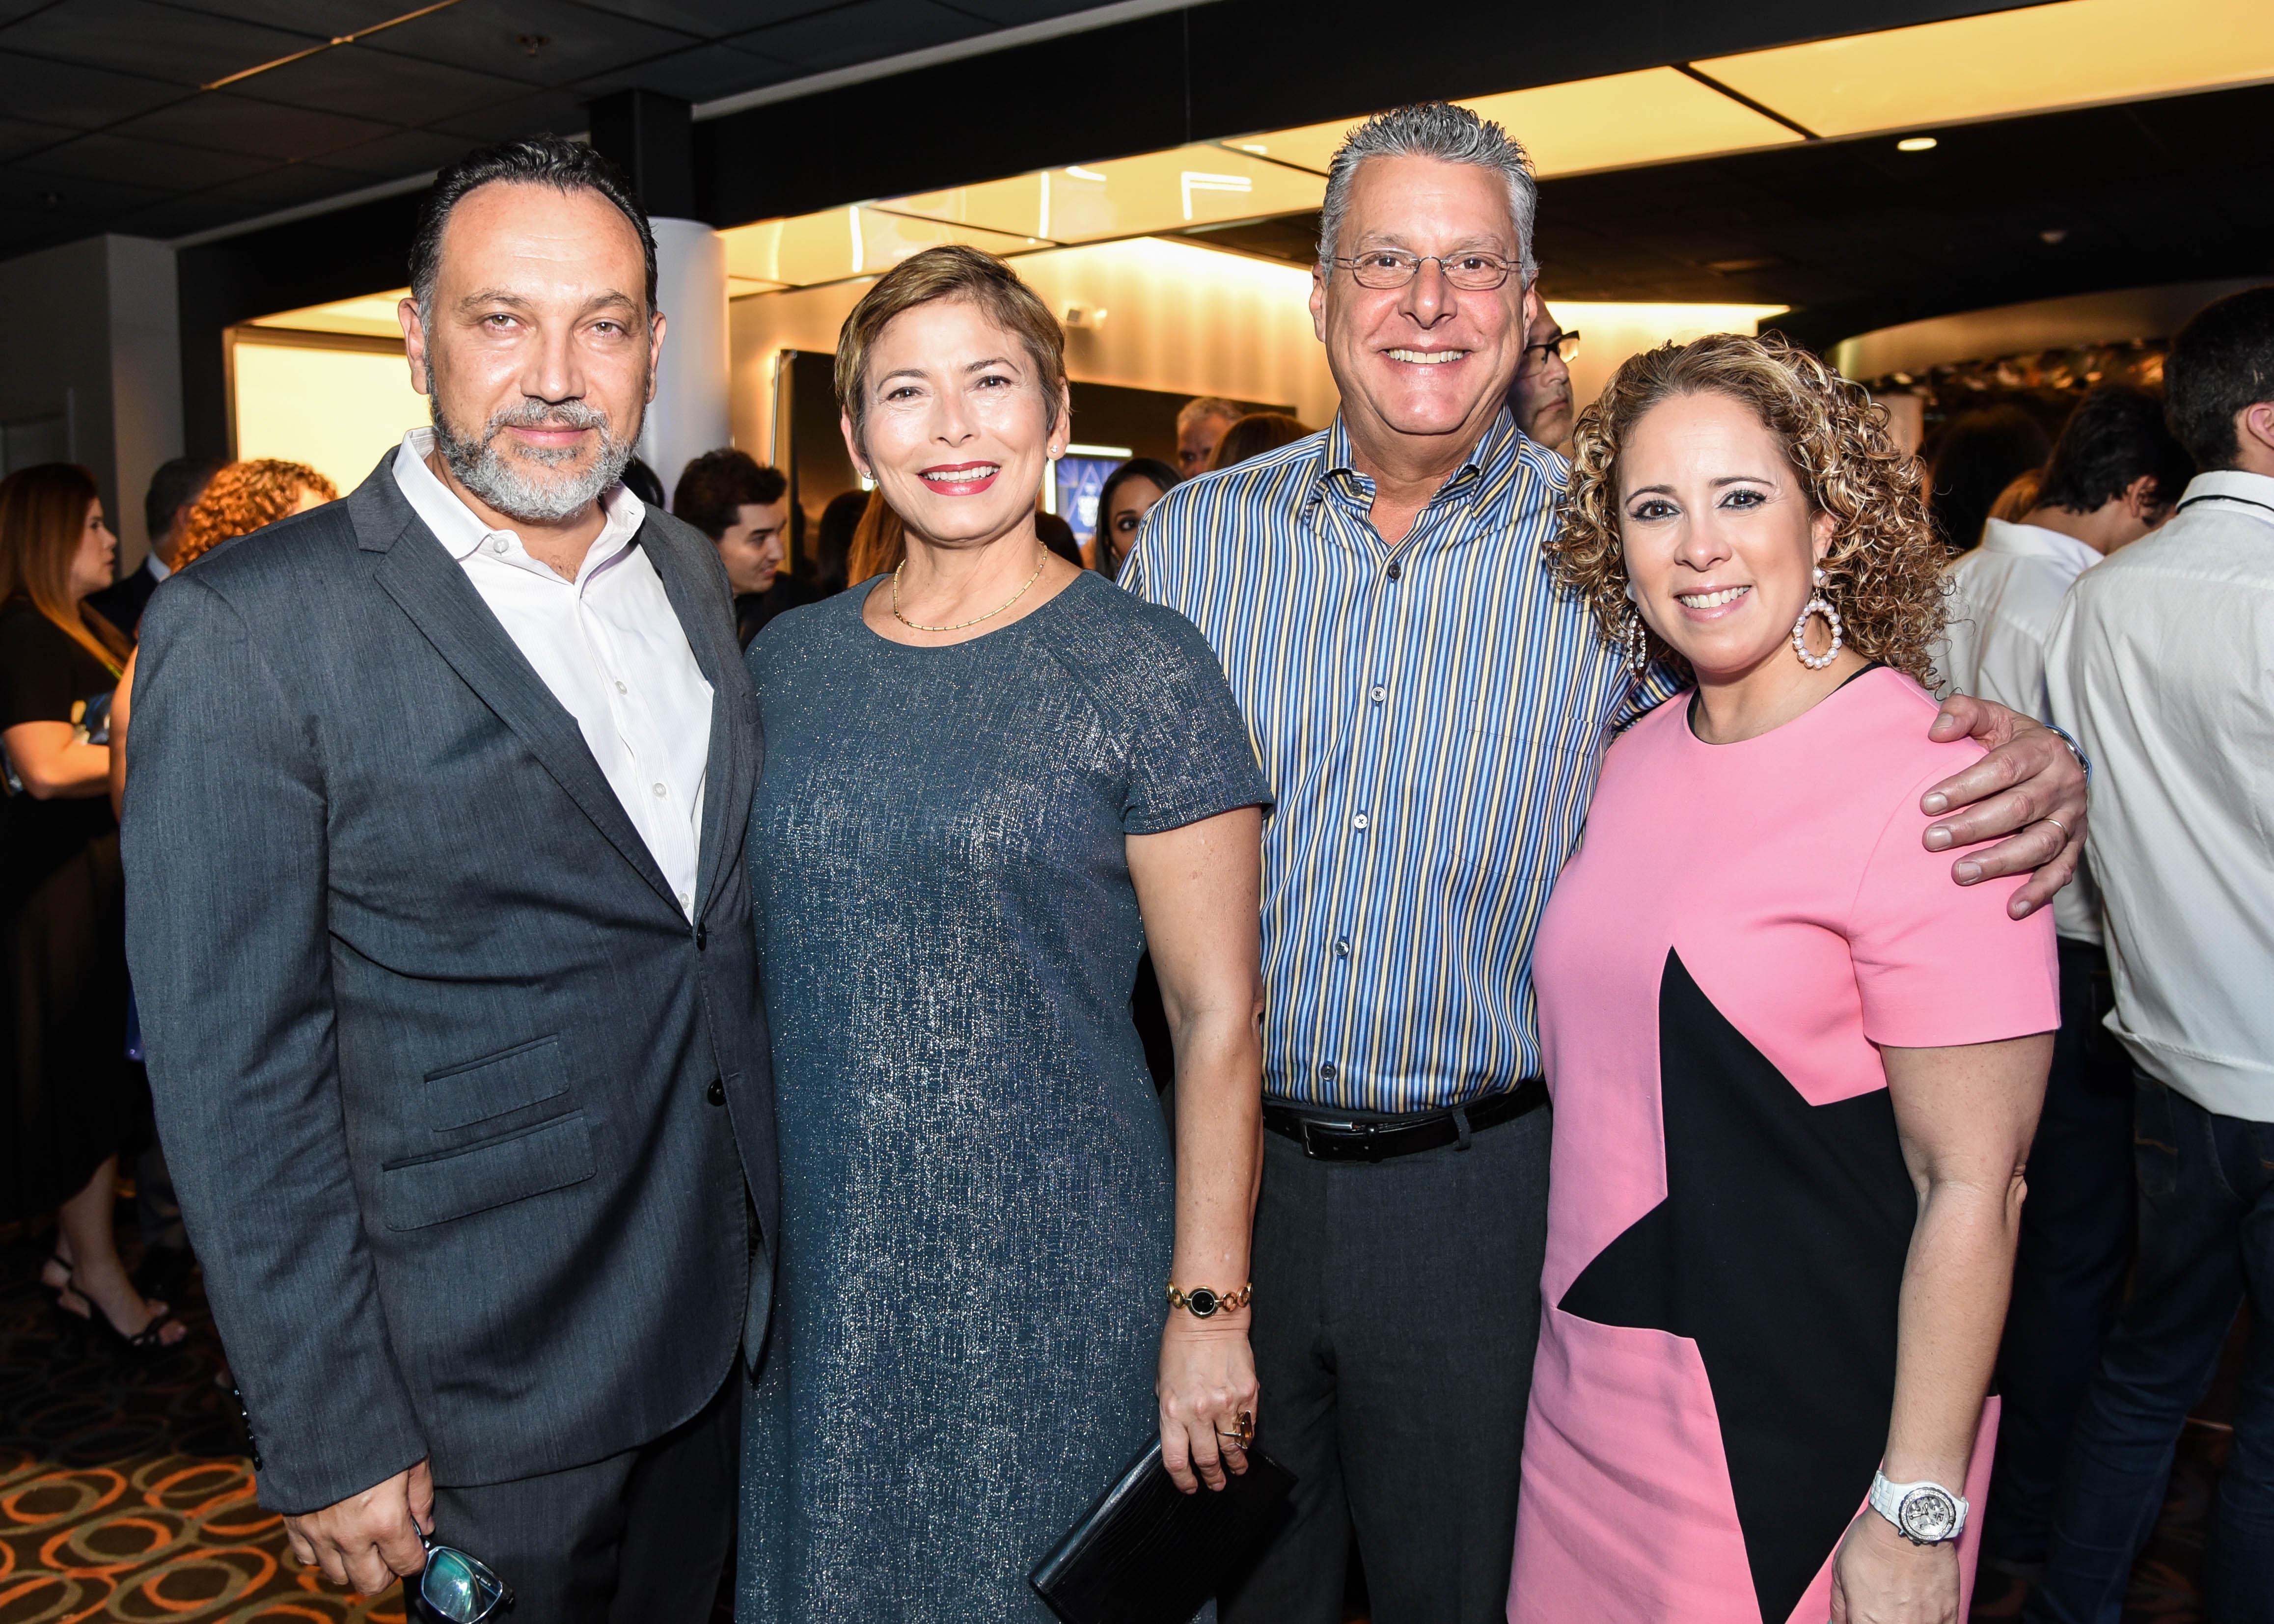 José González, Soraya González, Manuel Albilleira y Ana Maria Abilleira. (Enid M. Salgado)